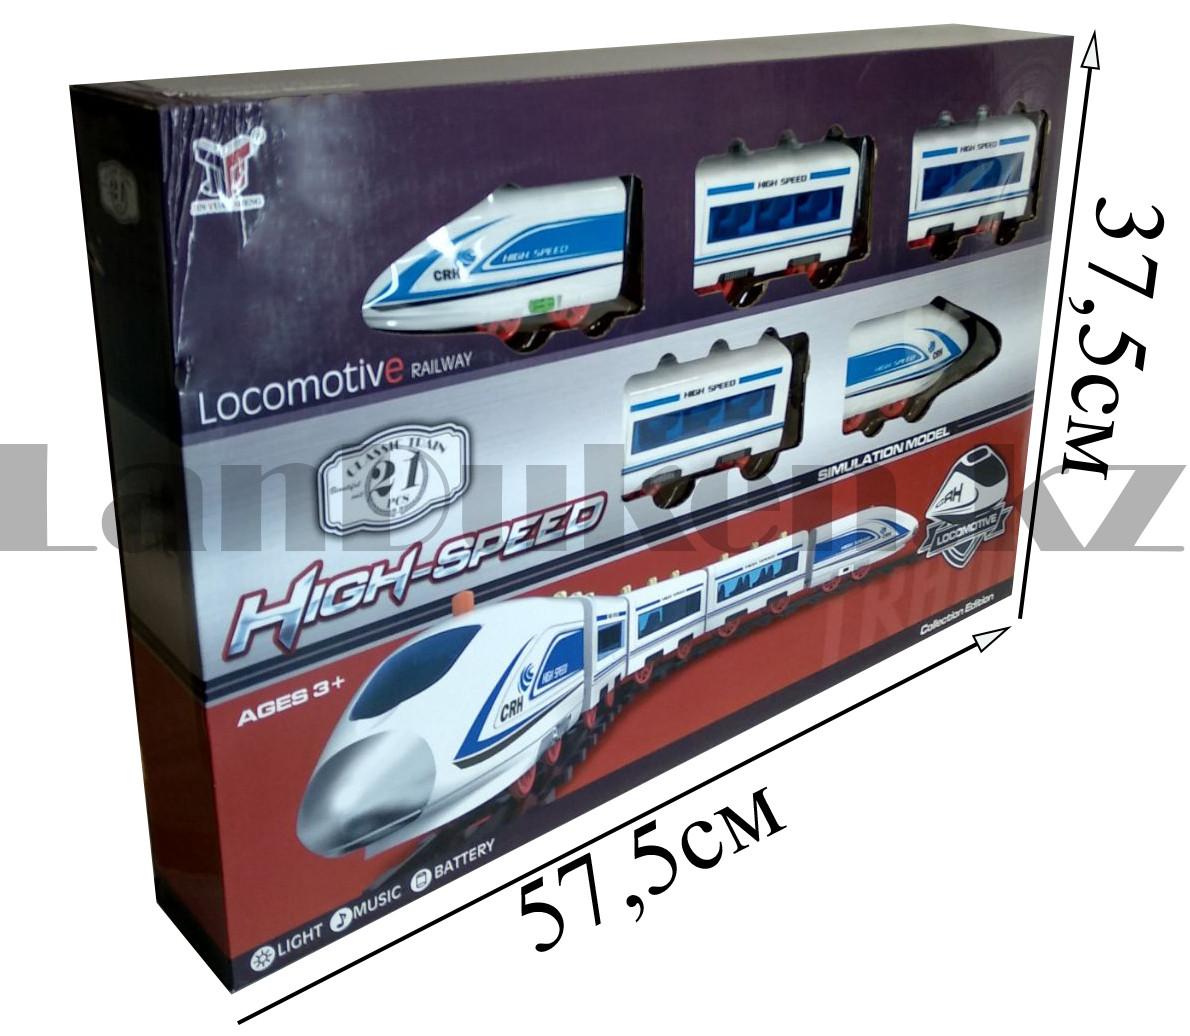 Игрушечный набор железная дорога и поезд со свето-звуковым сопровождением на 21 деталей Locomotive RailWay - фото 2